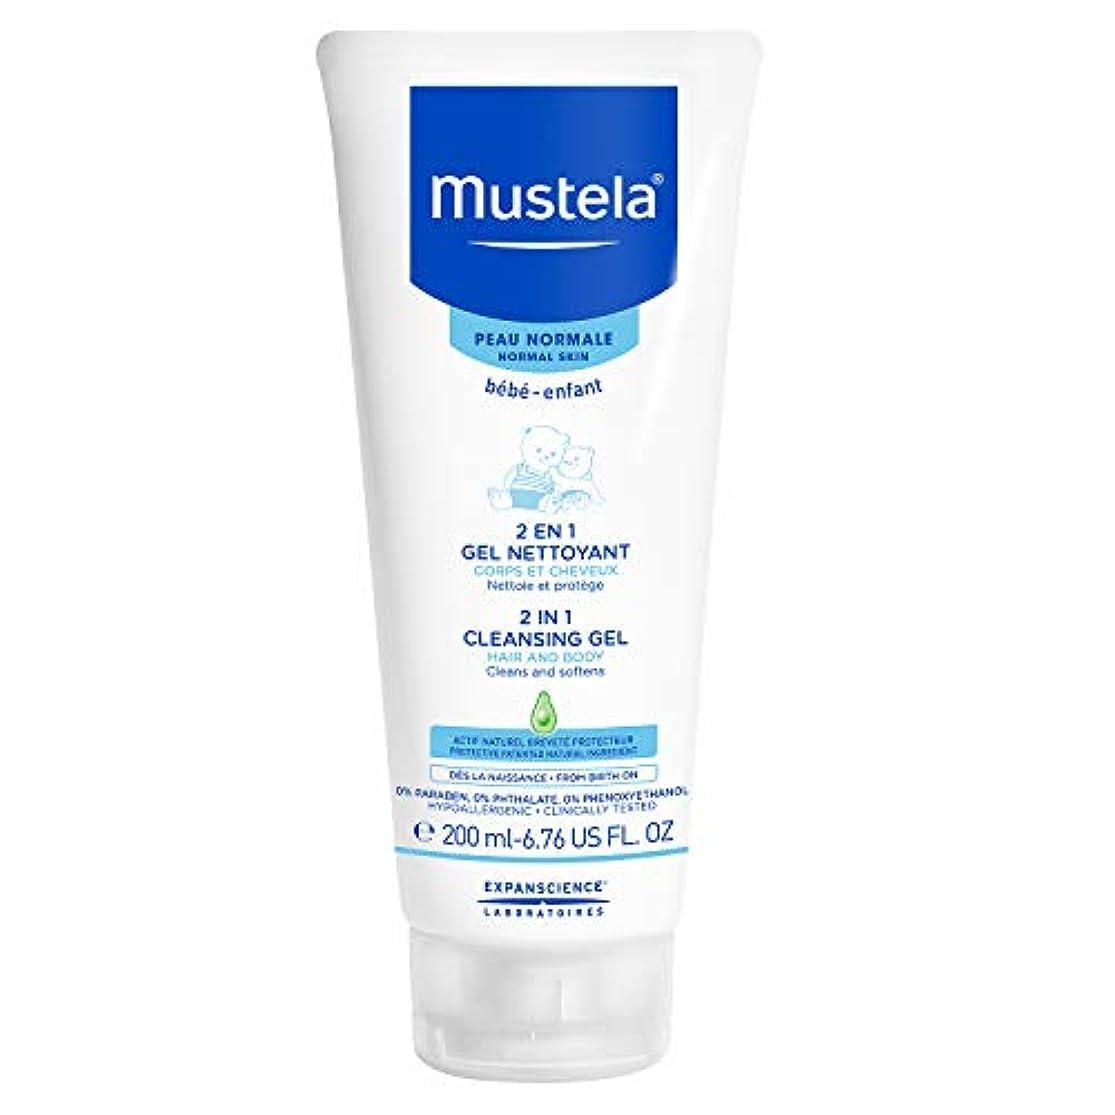 バリア置くためにパック施設Mustela - 2 in 1 Cleansing Gel (6.76 oz.)